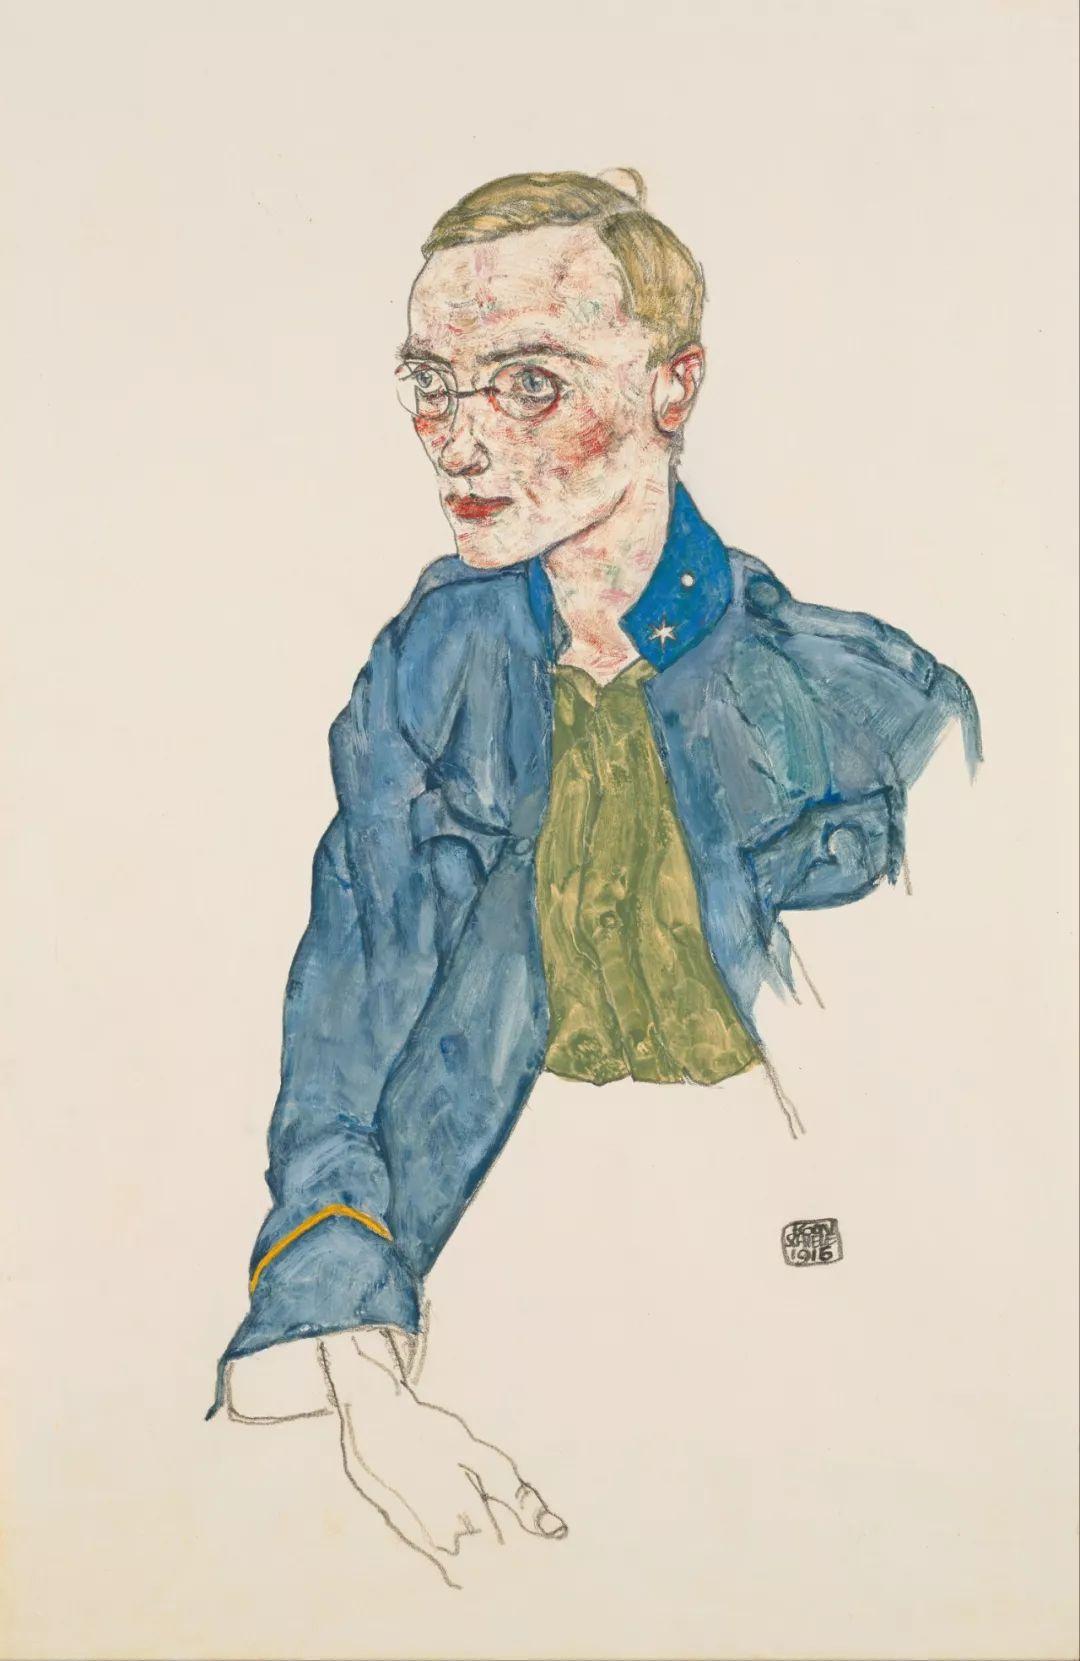 年仅28岁,生前遭受非议,死后却被捧为直逼心灵的艺术家插图89